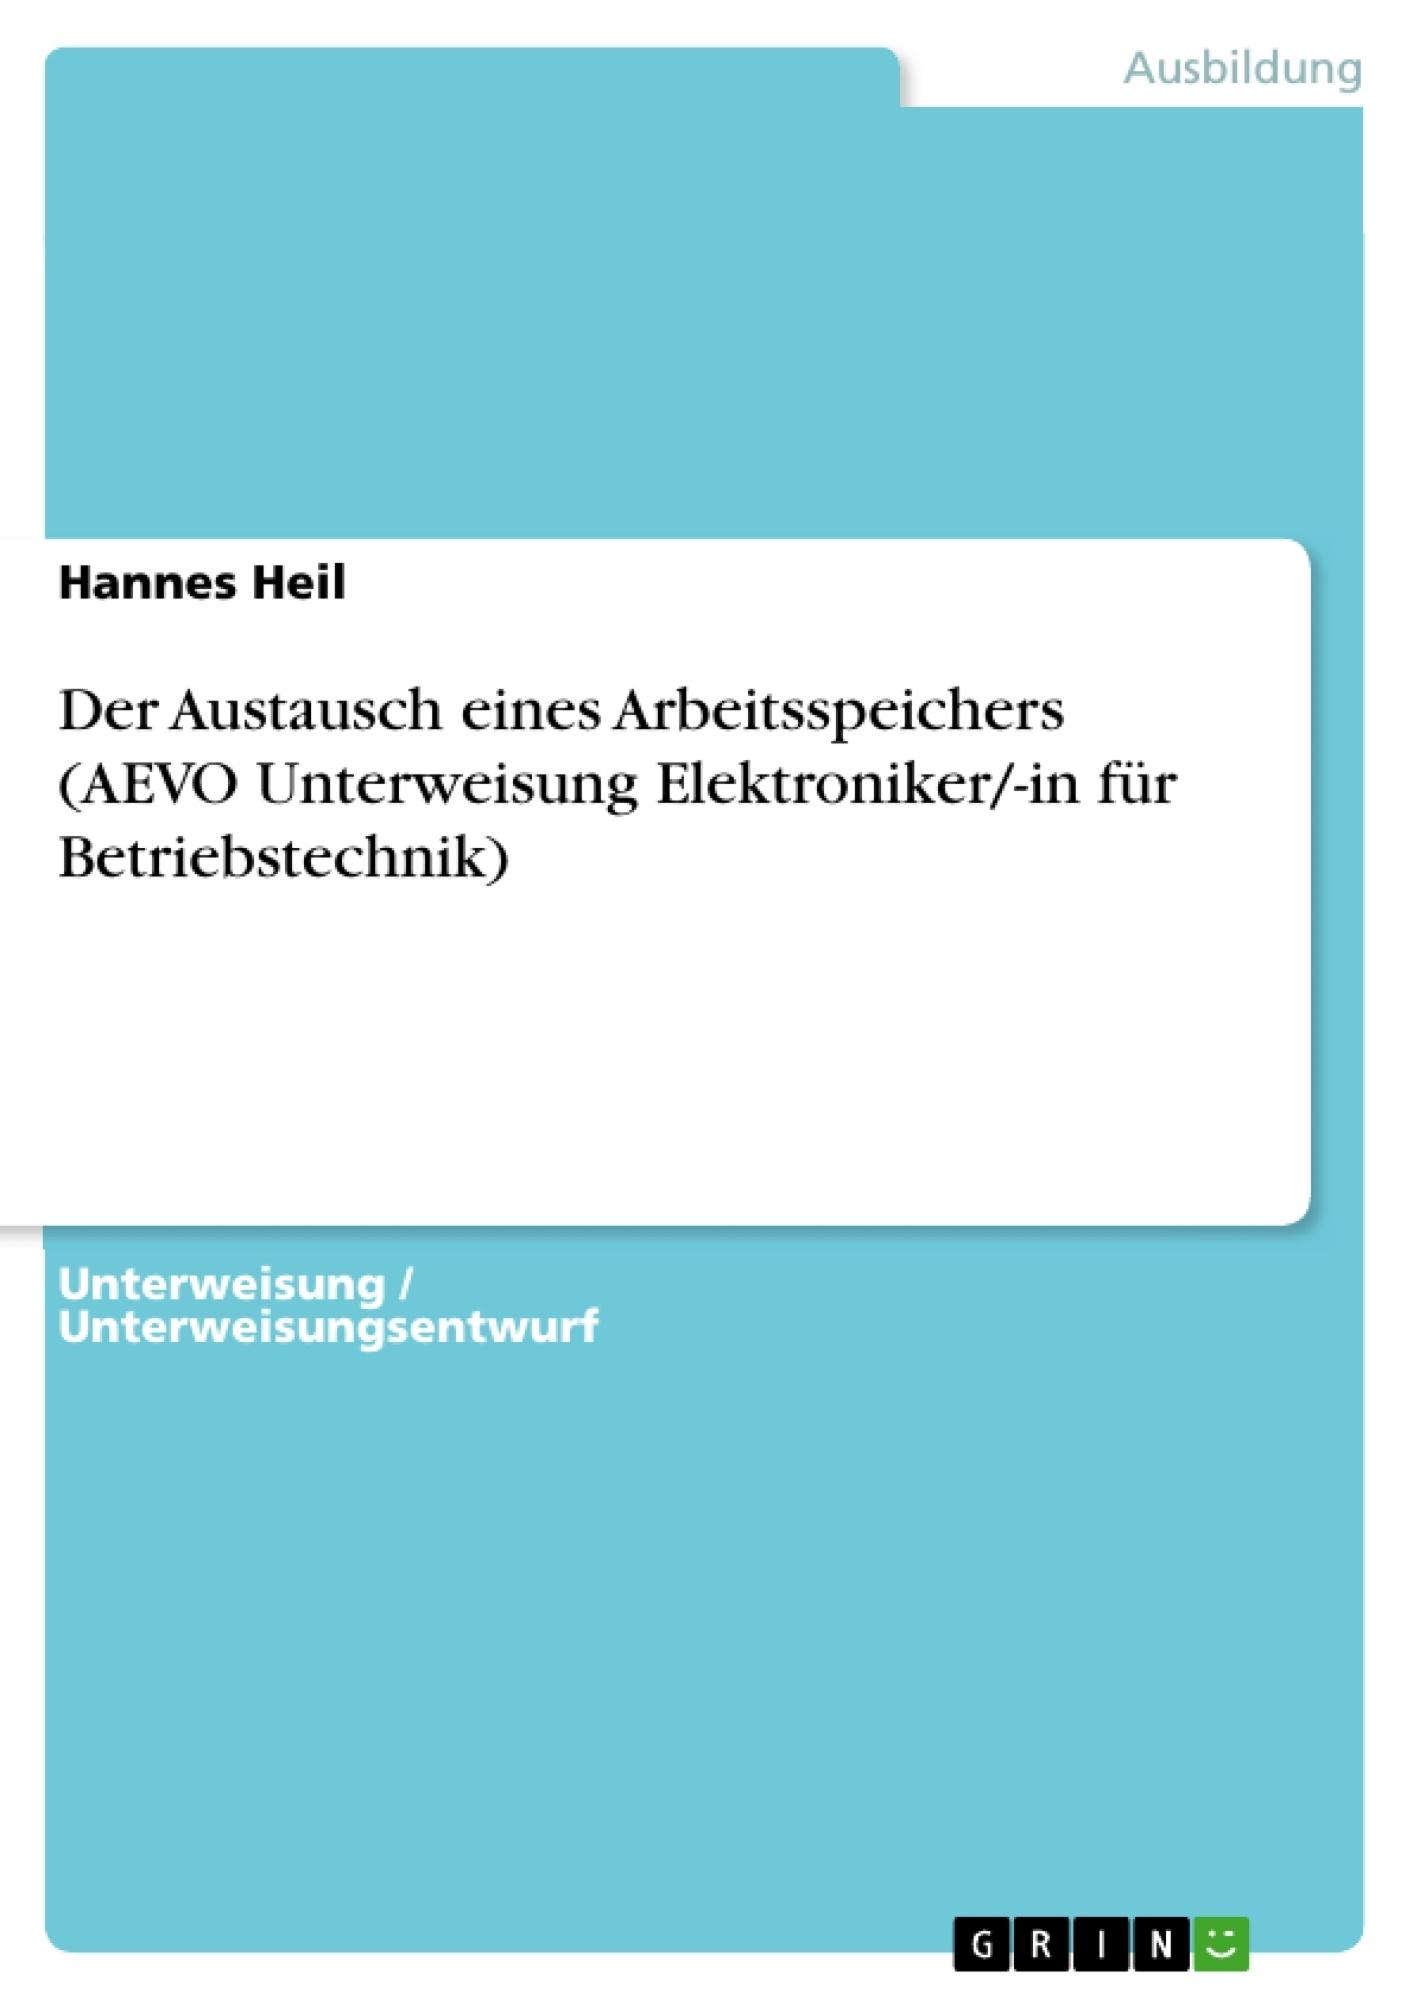 Titel: Der Austausch eines Arbeitsspeichers (AEVO Unterweisung Elektroniker/-in für Betriebstechnik)